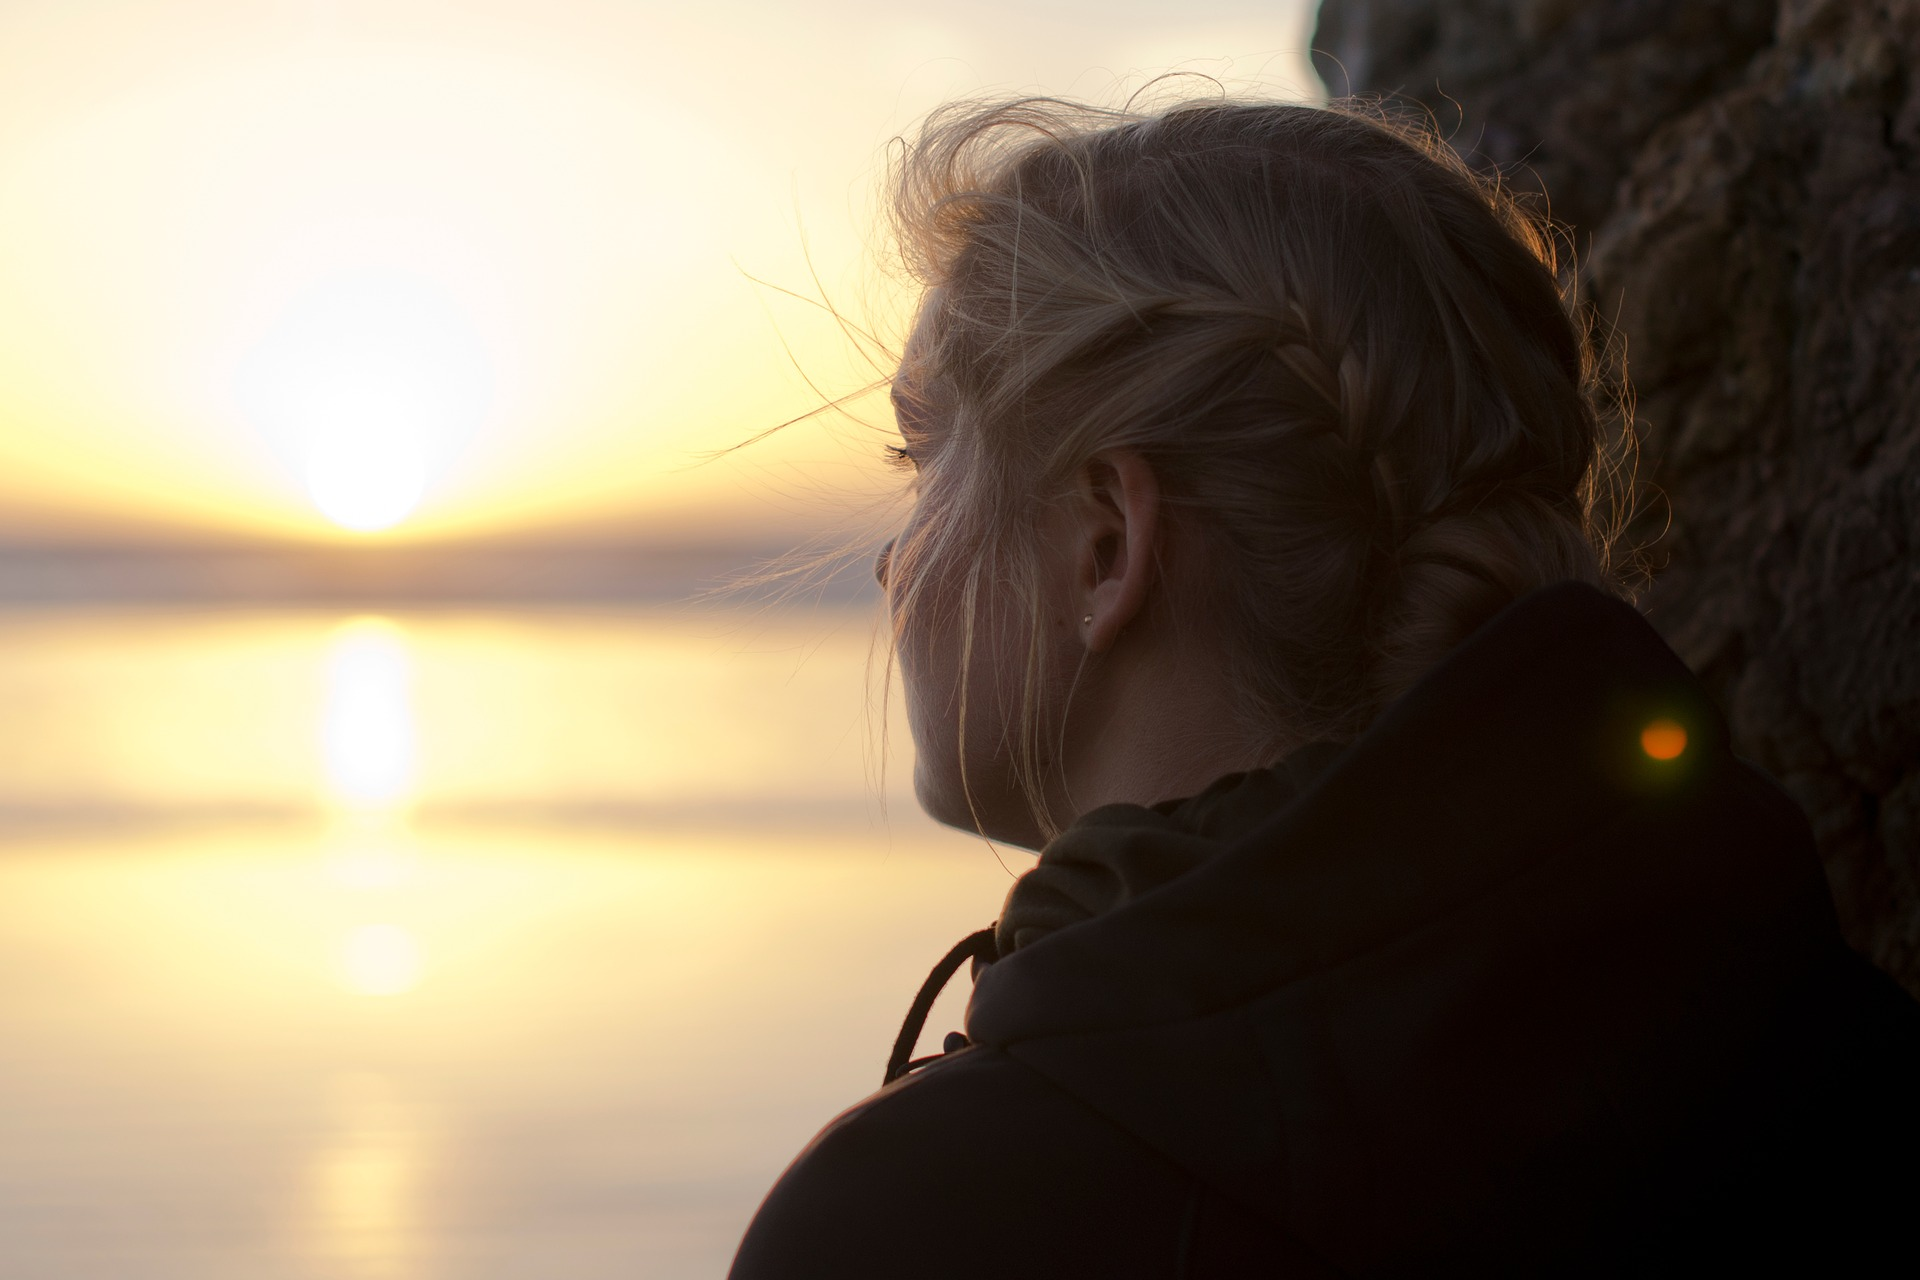 ¿Cómo superar los pensamientos negativos en tu día a día?